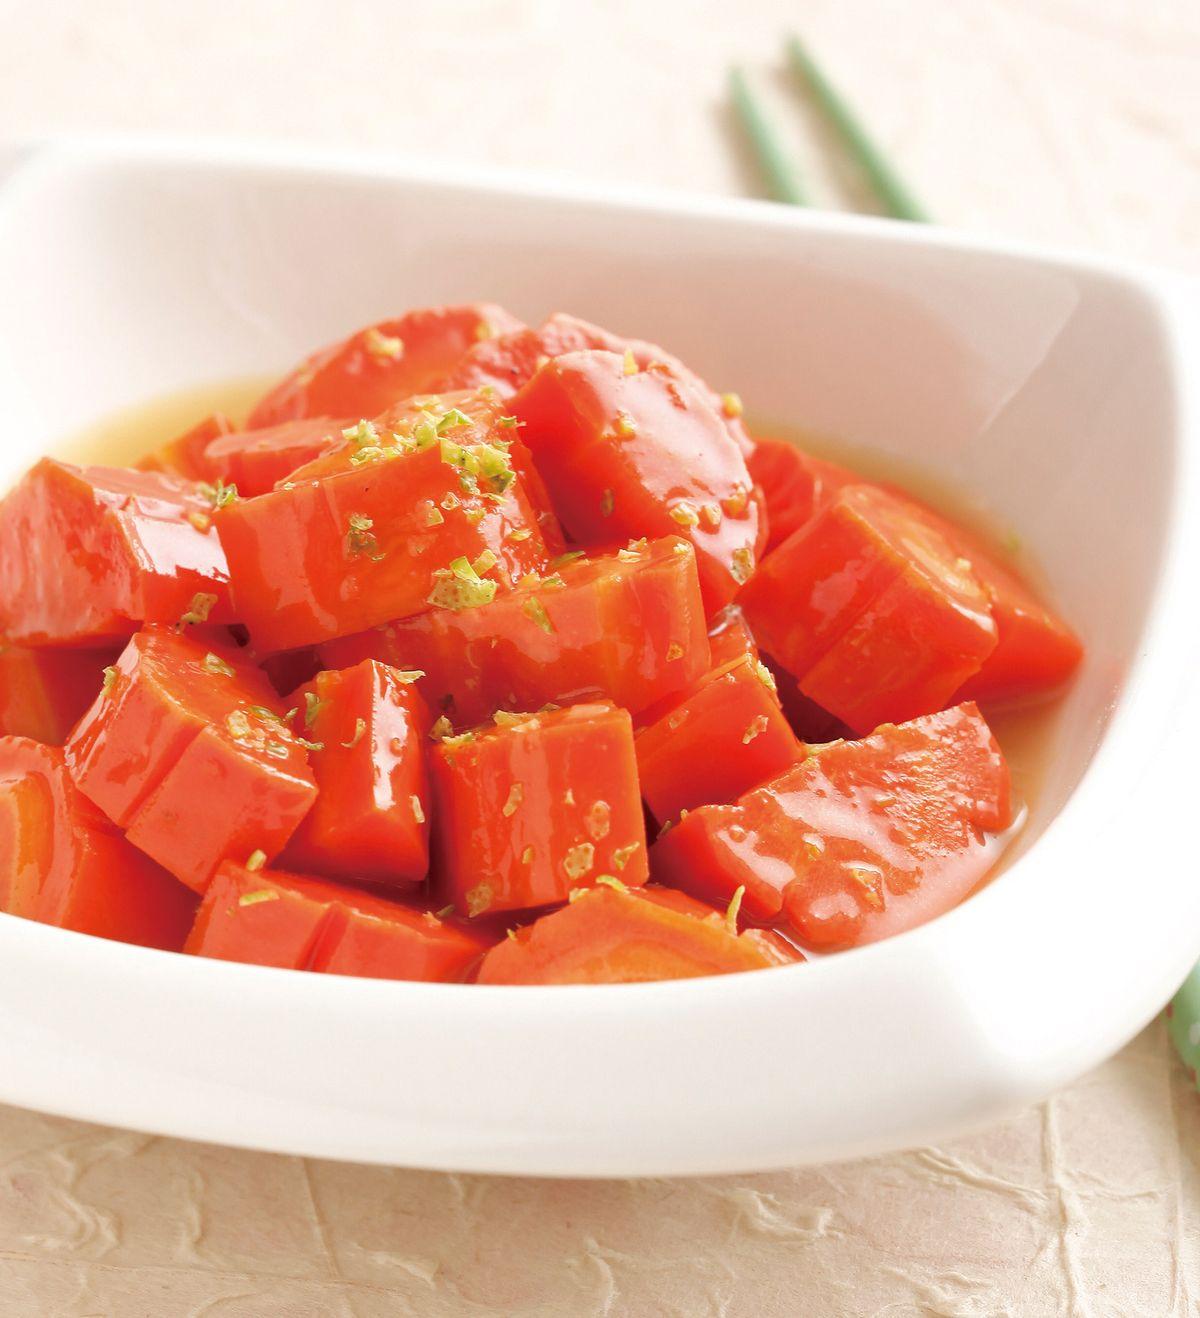 食譜:蜜糖紅蘿蔔